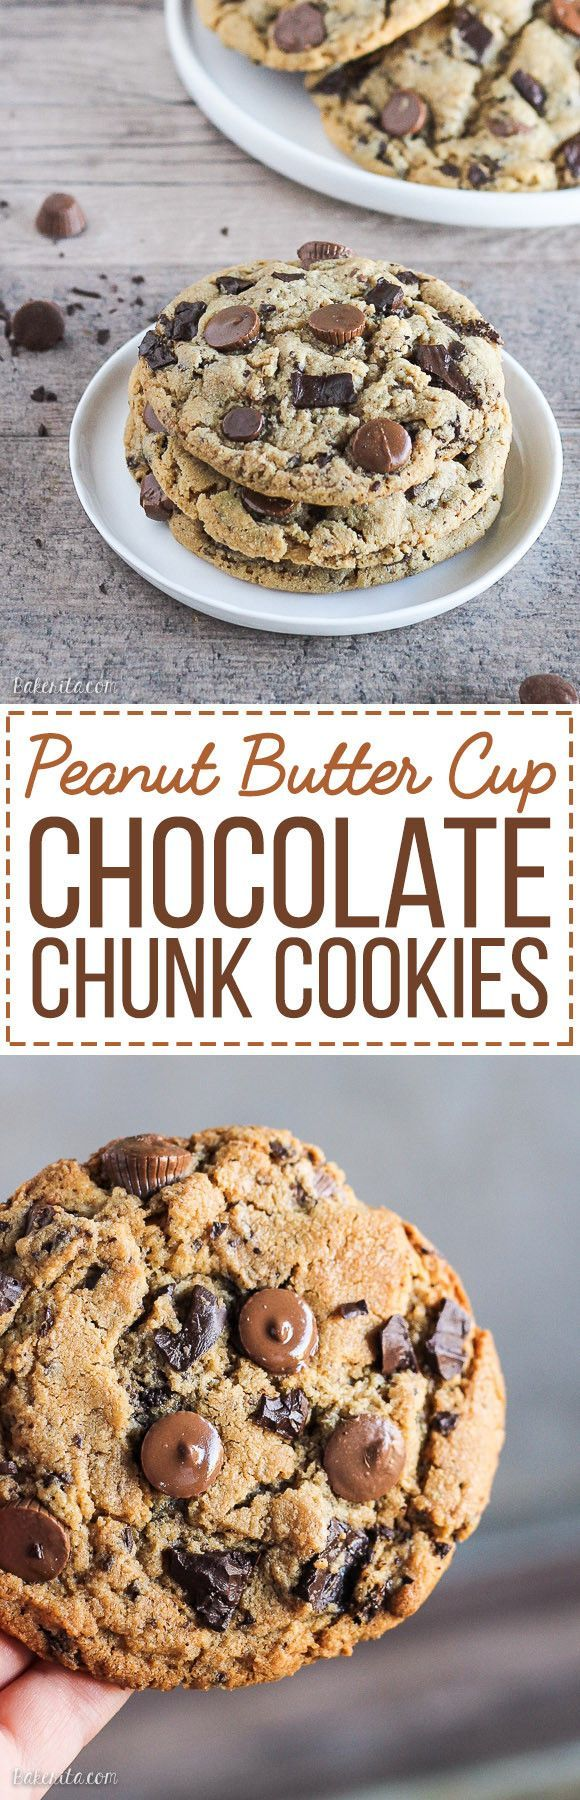 dan 1000 ideeën over Chocolate Chunk Brownies op Pinterest - Brownies ...